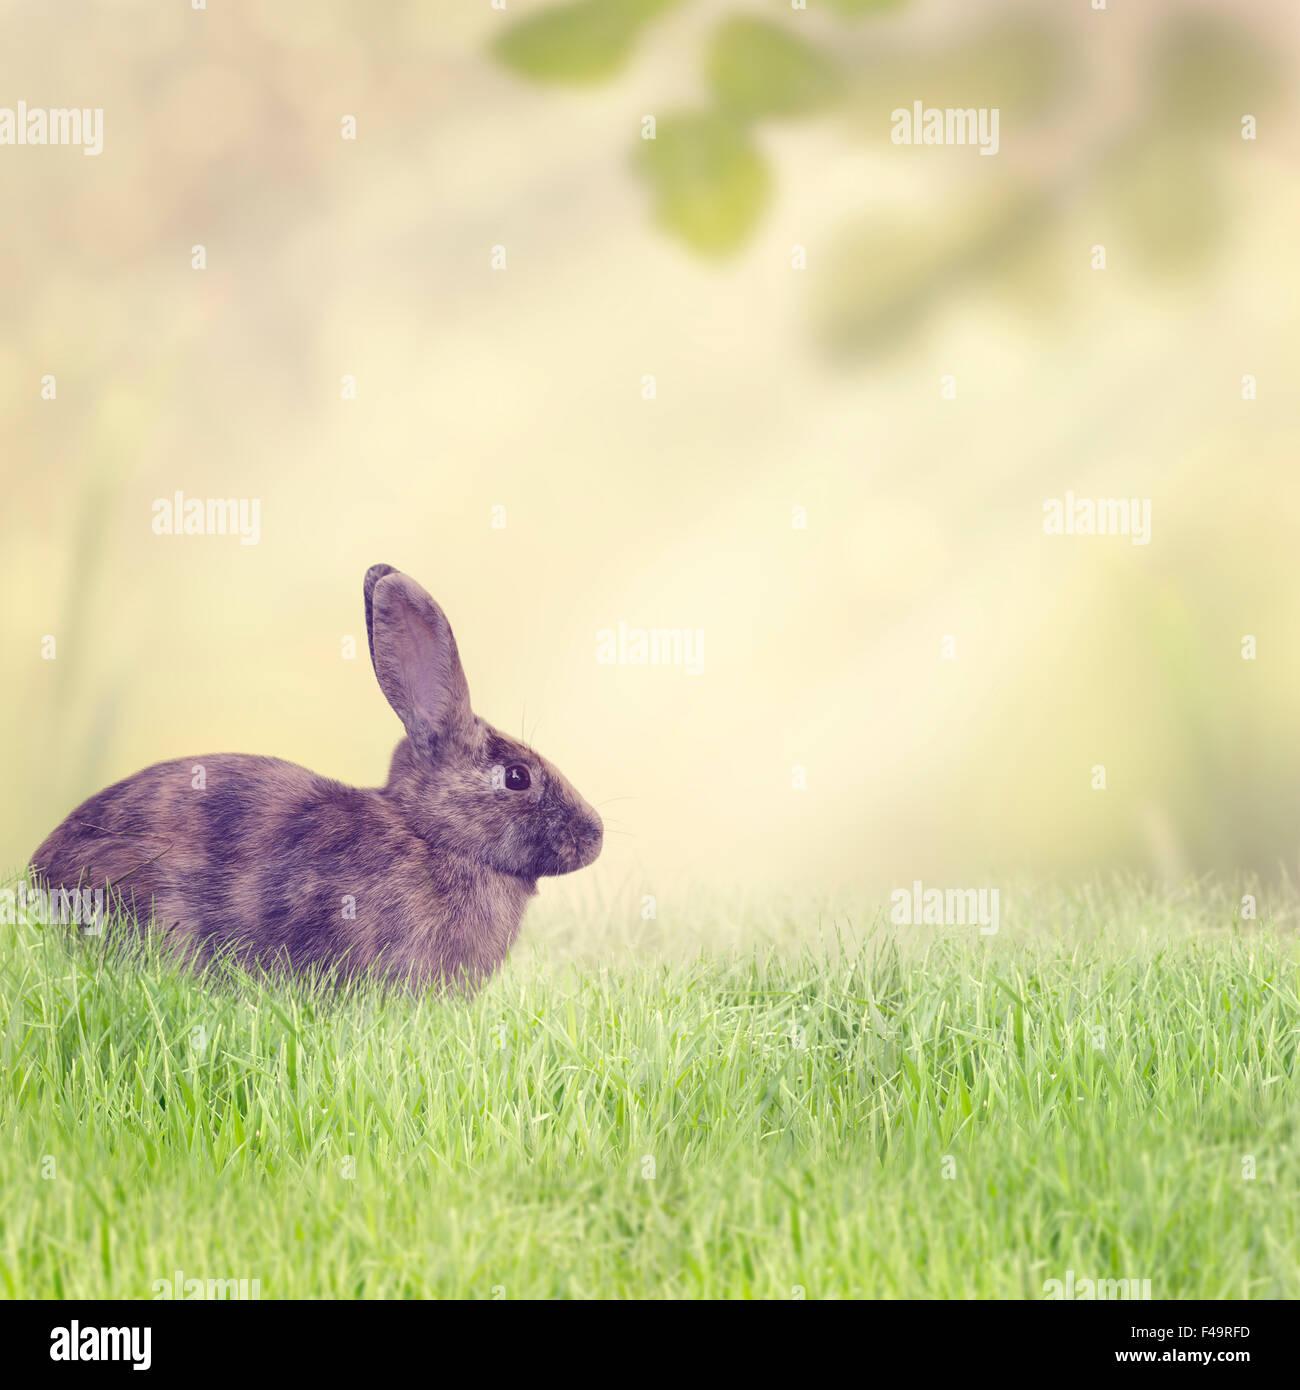 Lapin assis dans l'herbe Photo Stock